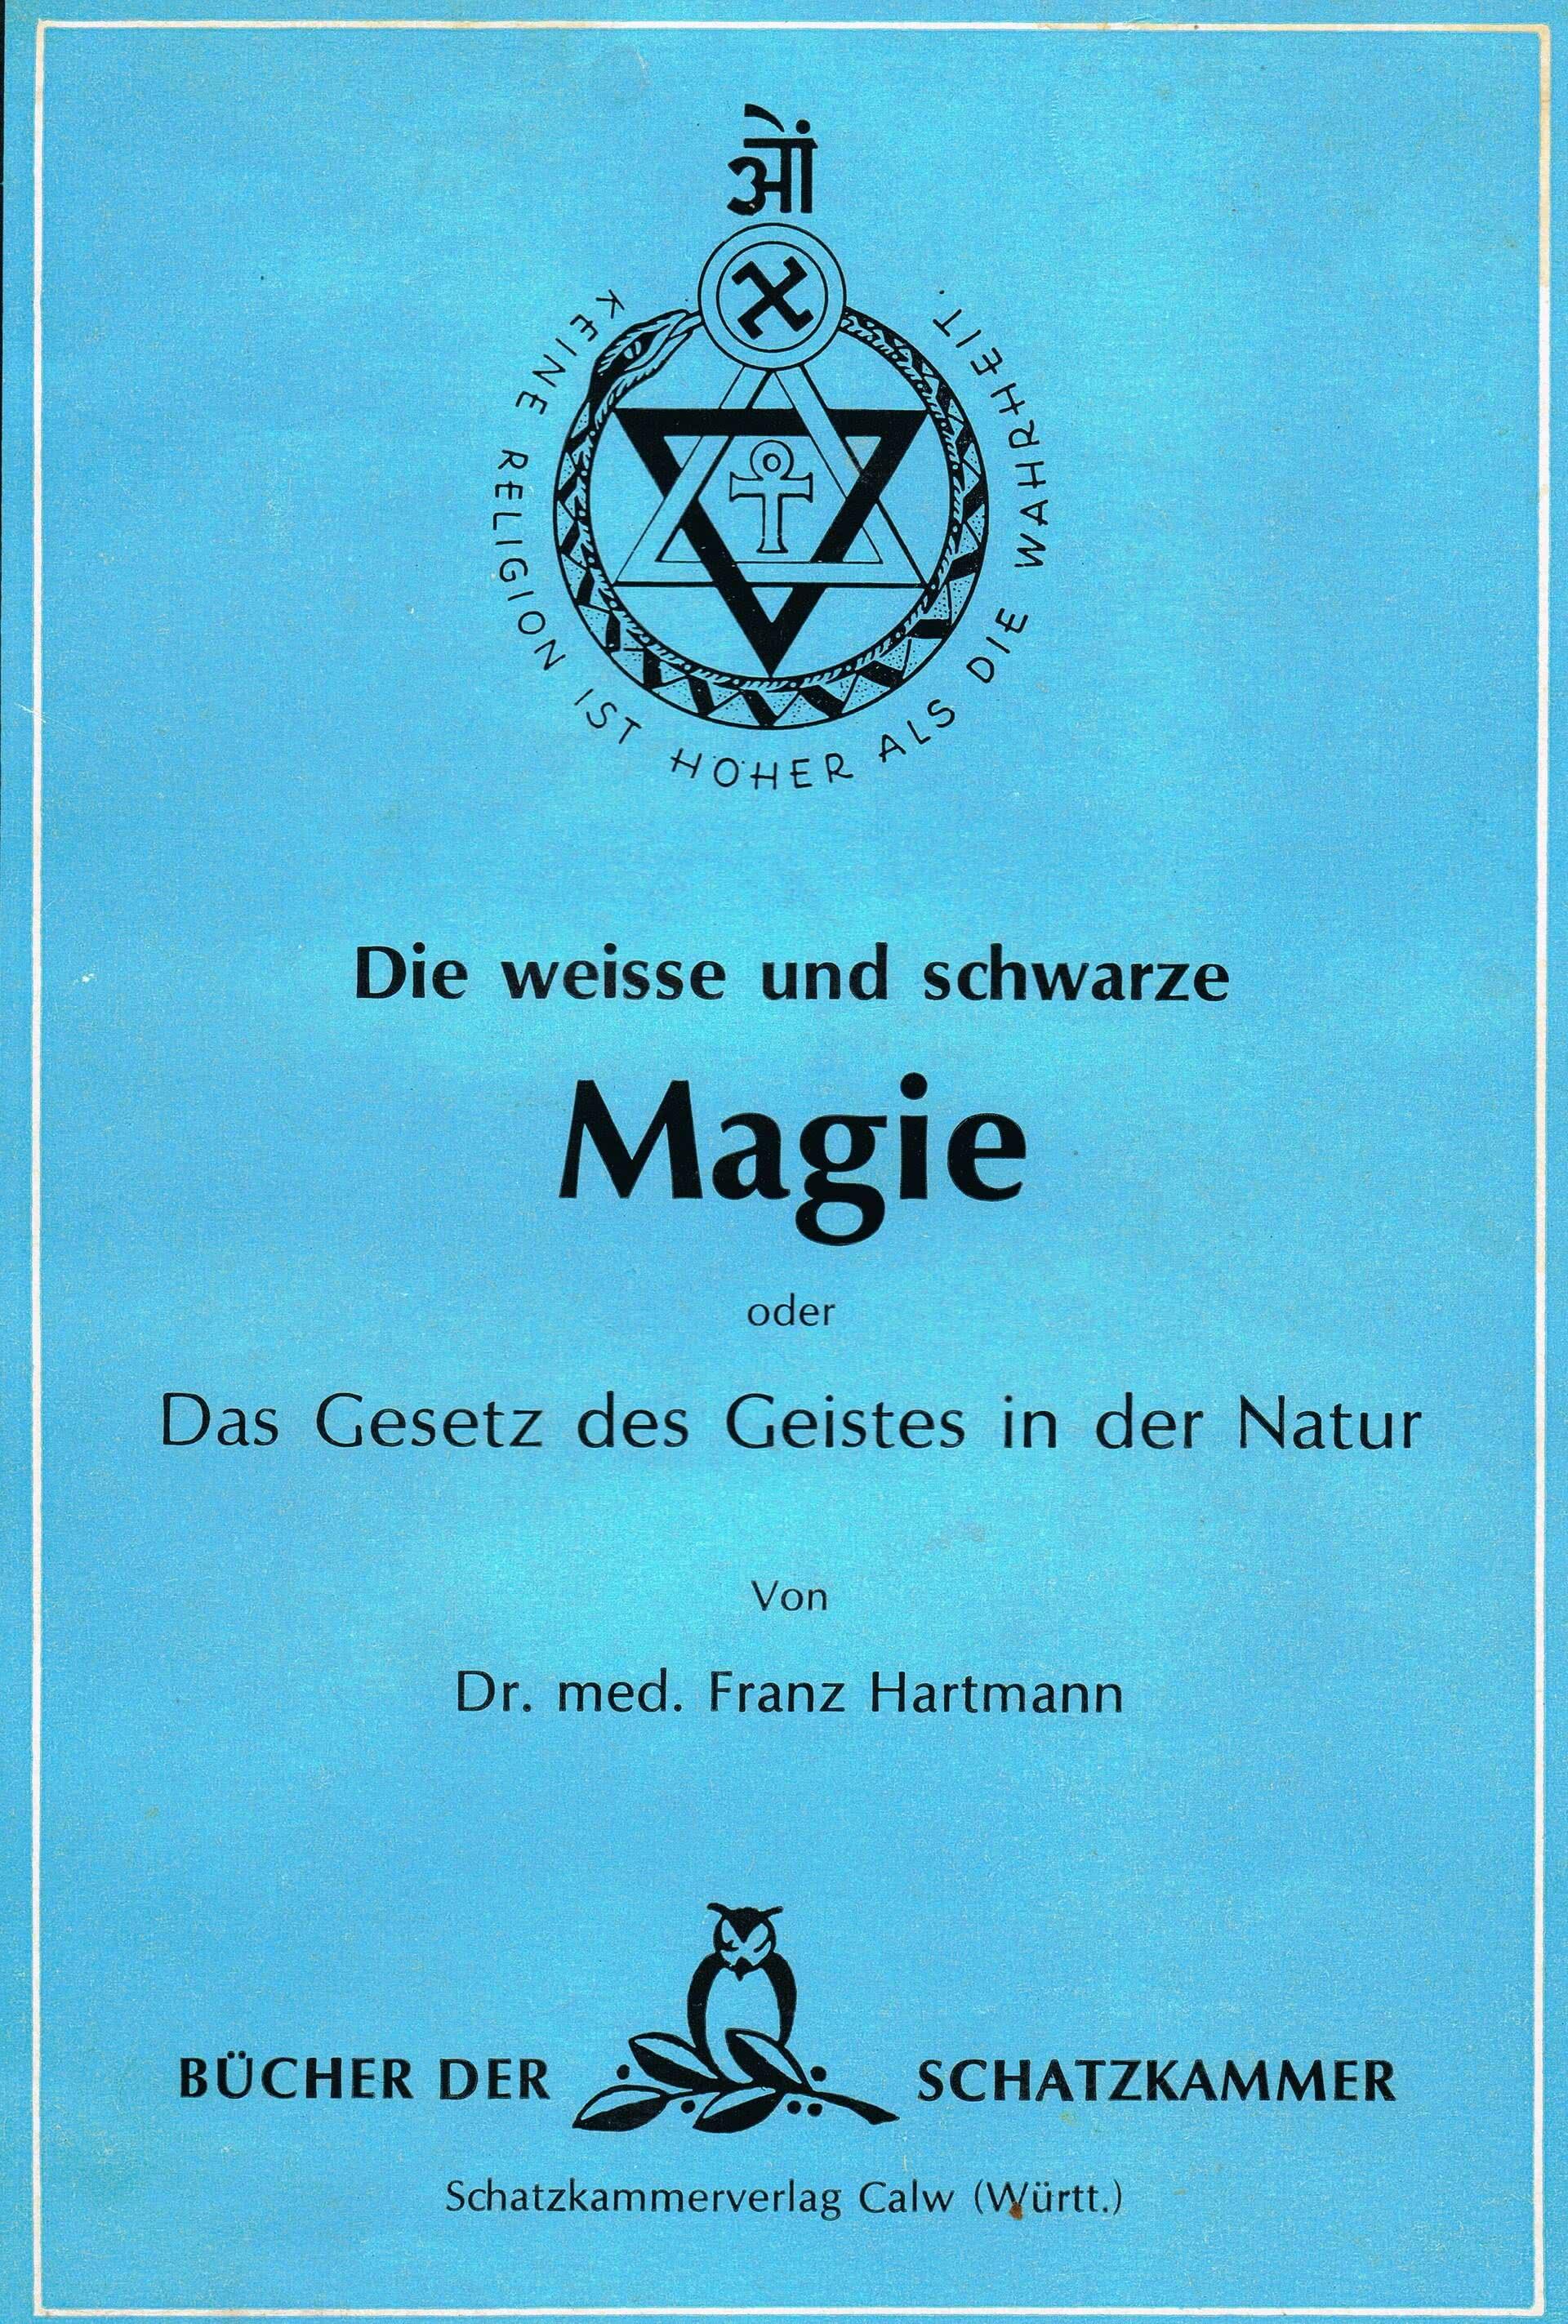 Die weiße und schwarze Magie oder das Gesetz des Geistes in der Natur